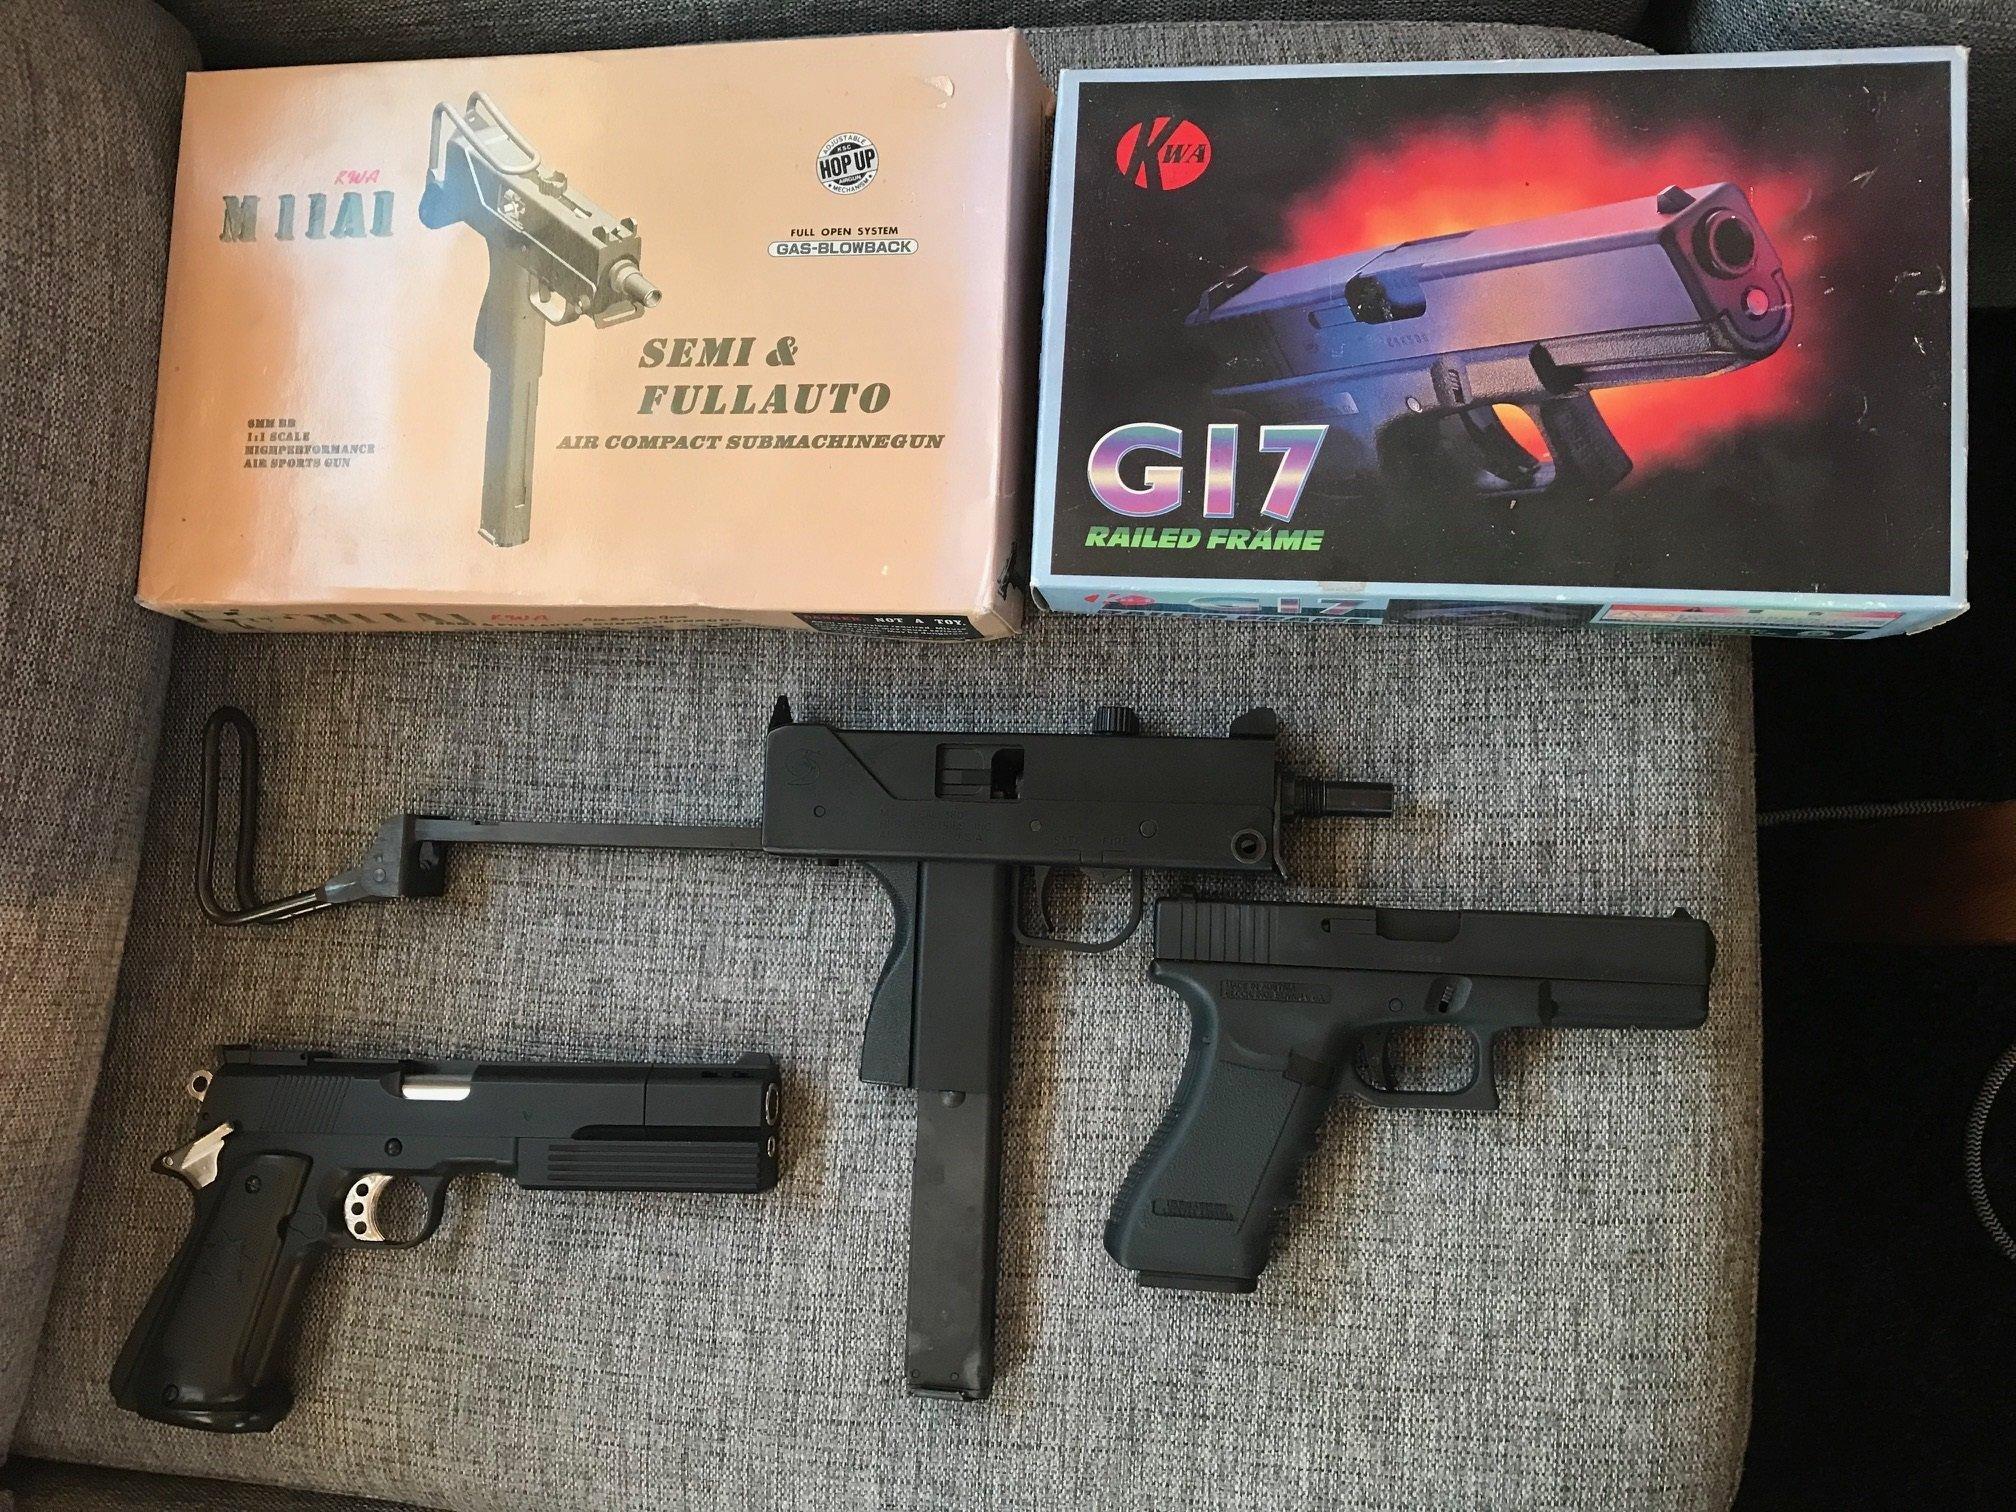 Soft airgun uzi Glock 17 mm (359859555) ᐈ Köp på Tradera